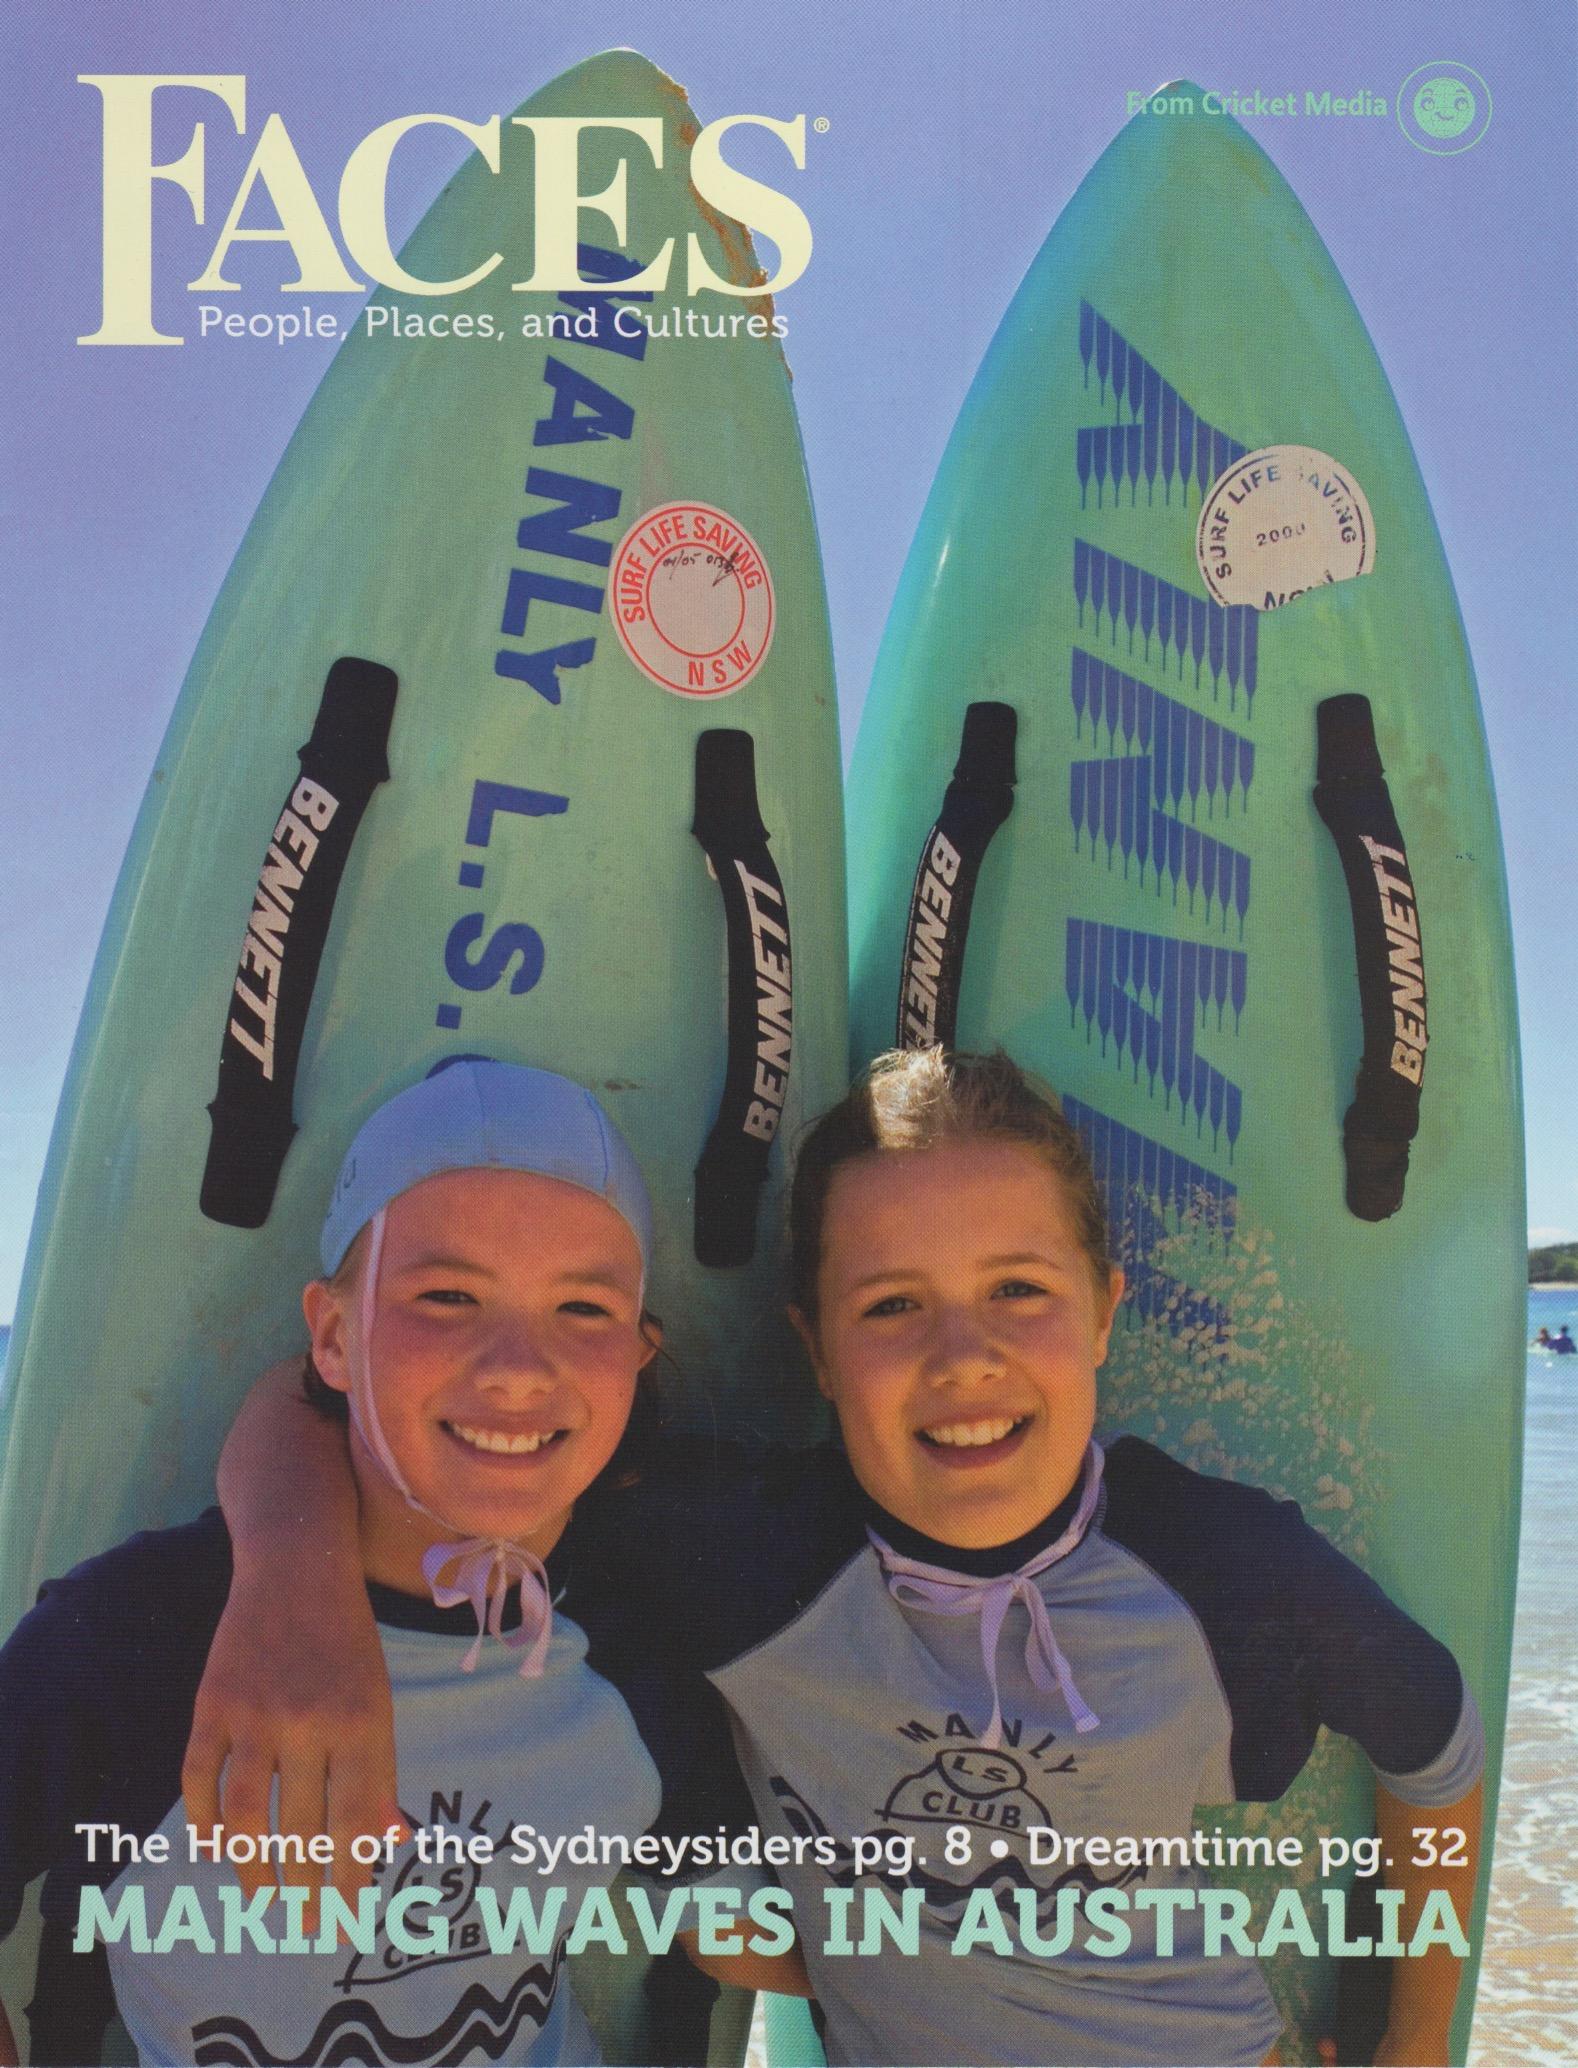 Sydney, Australia Issue, FACES Magazine, Cobblestone Publishing